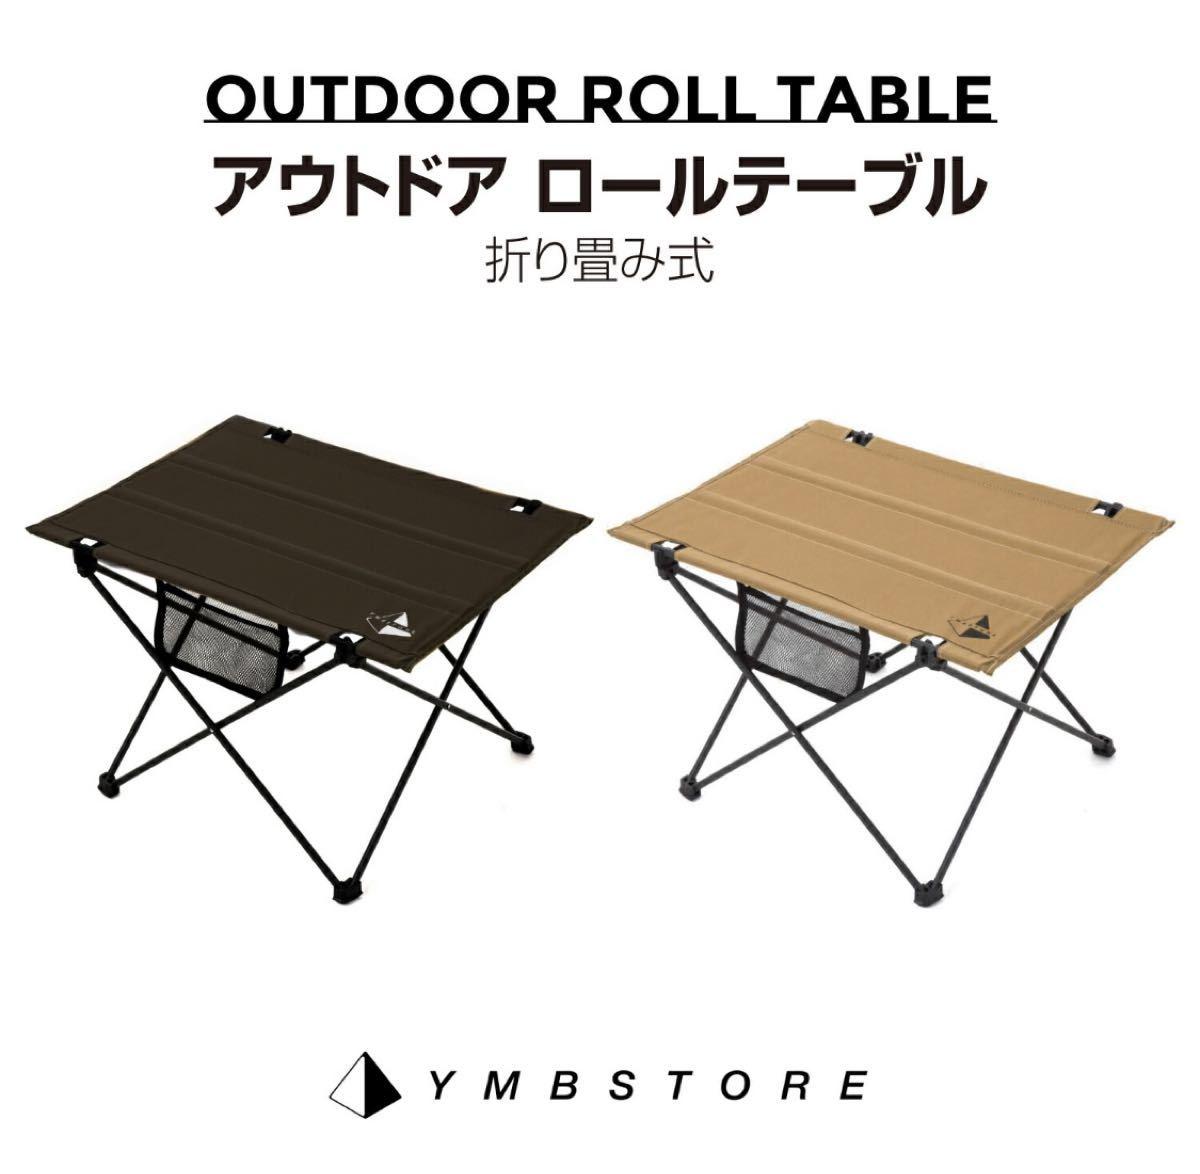 YMB STORE アウトドア 折りたたみ テーブル キャンプ スノーピーク